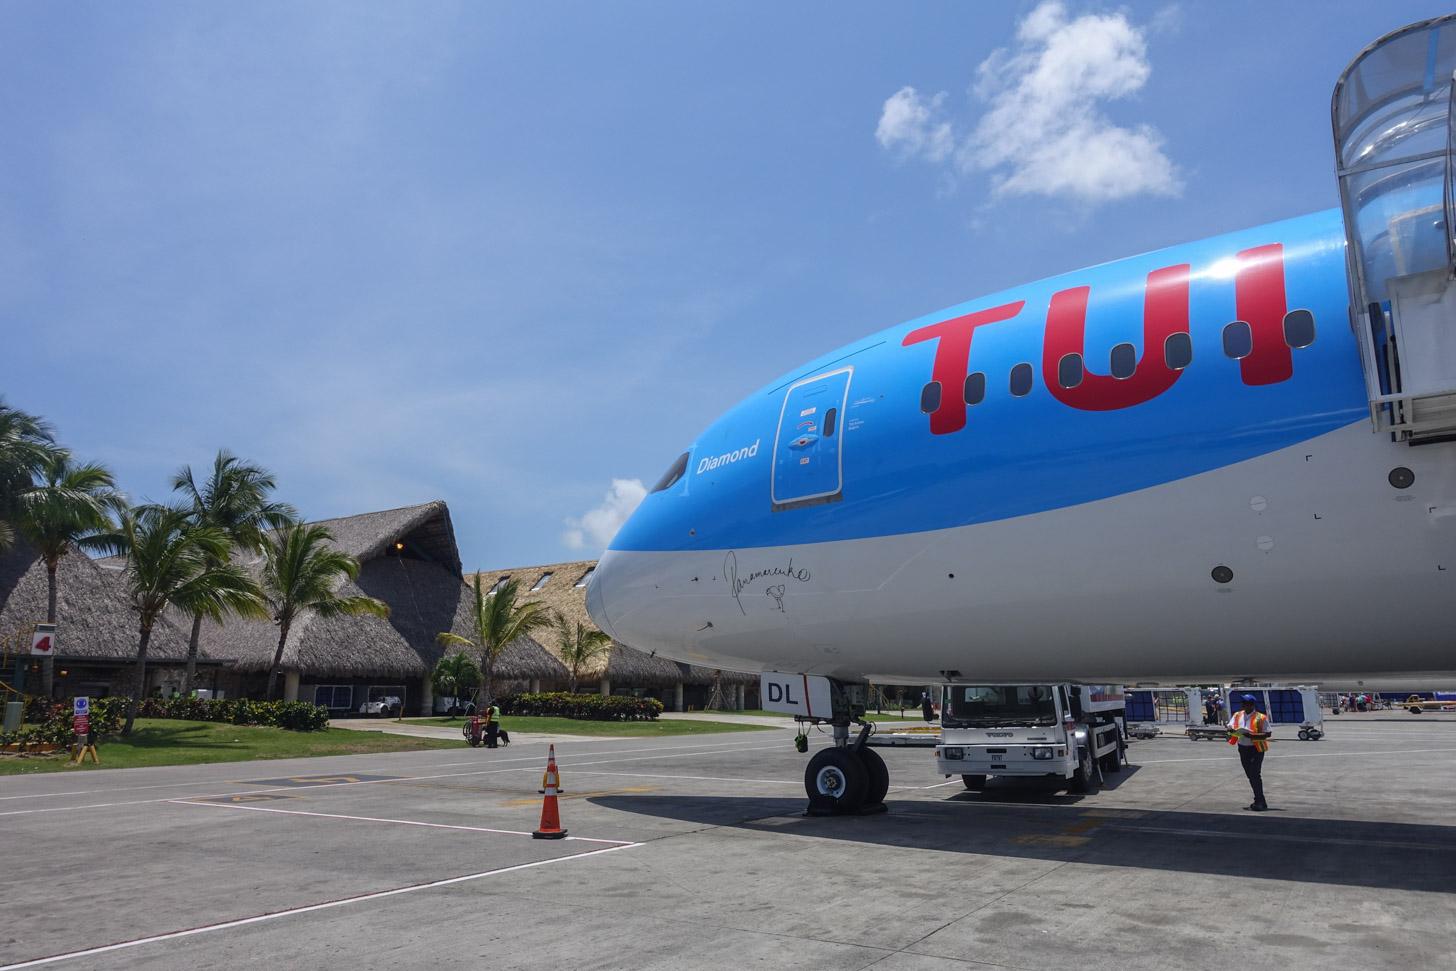 Je kunt met TUIfly naar Punta Cana vliegen.